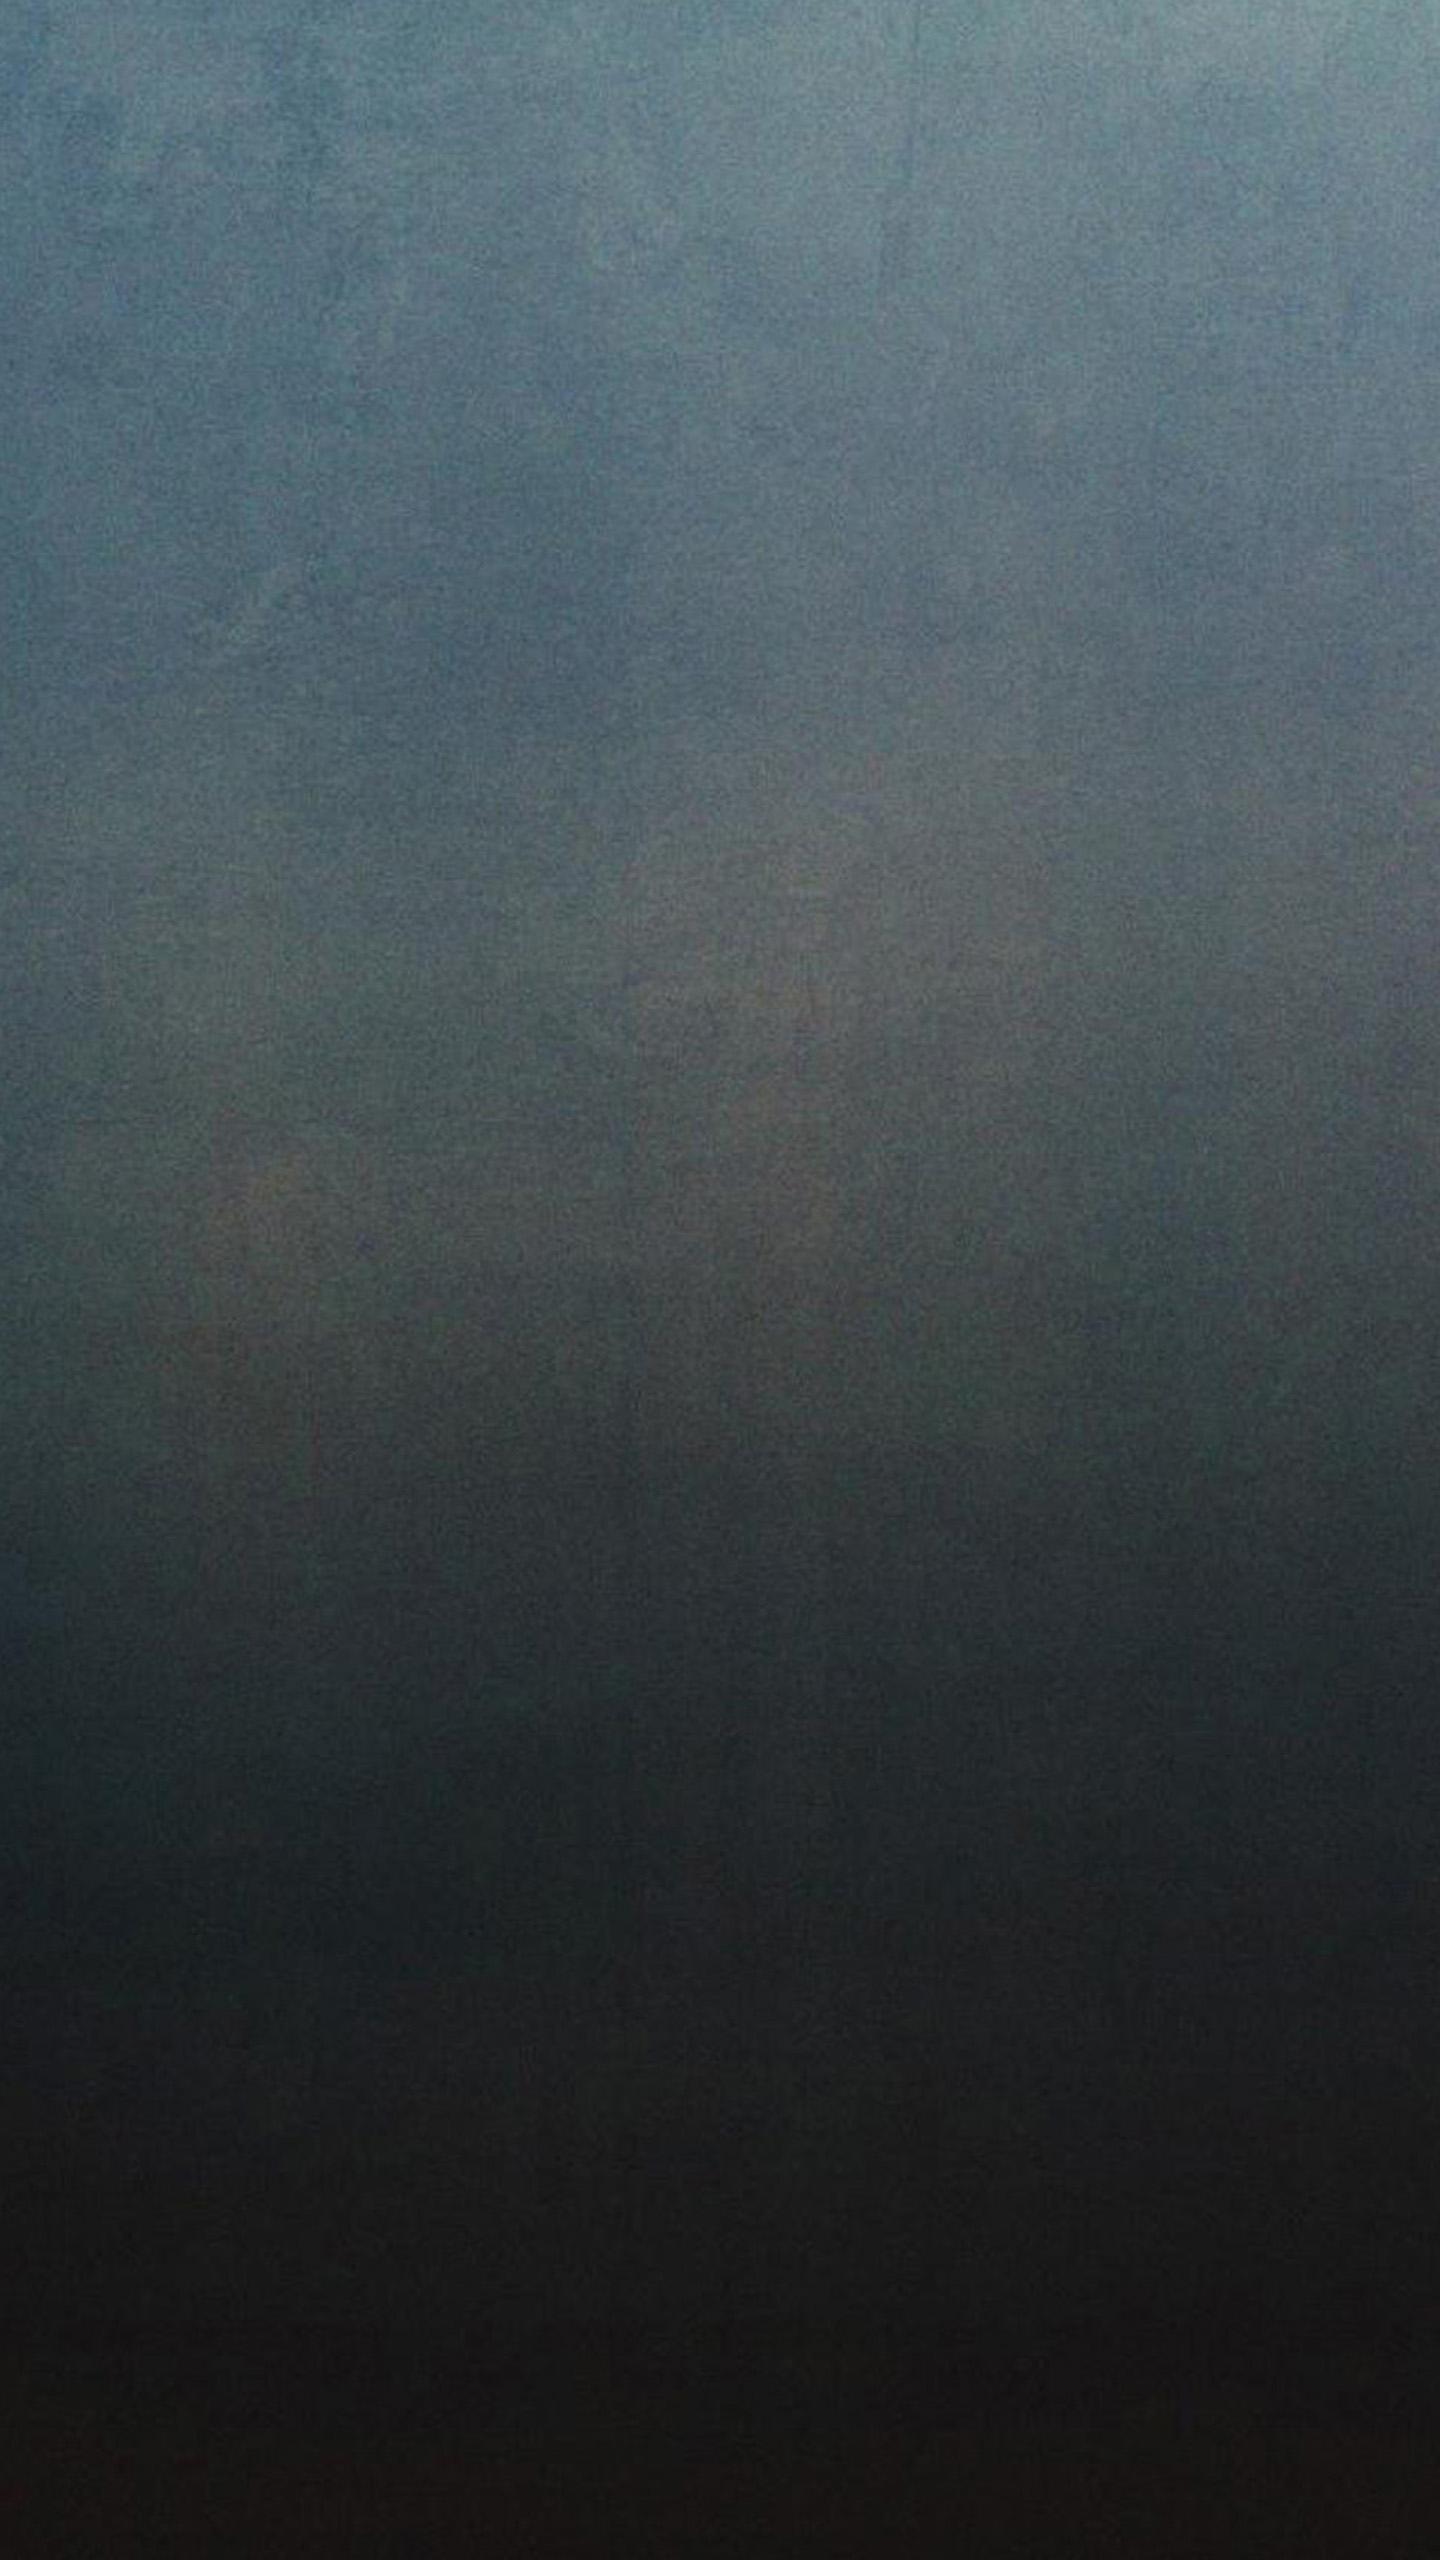 1440x2560 wallpapers wallpapersafari